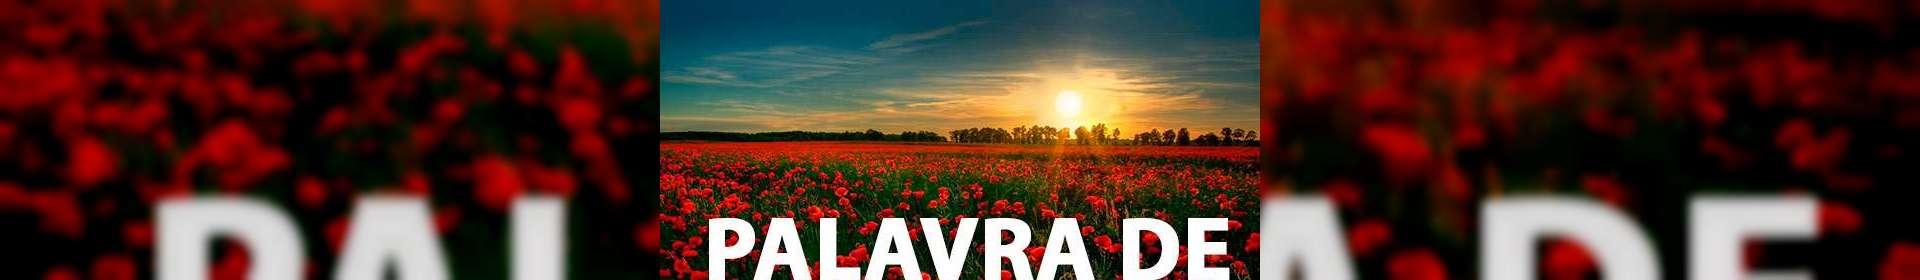 Salmos 37:25 - Uma Palavra de Esperança para sua vida